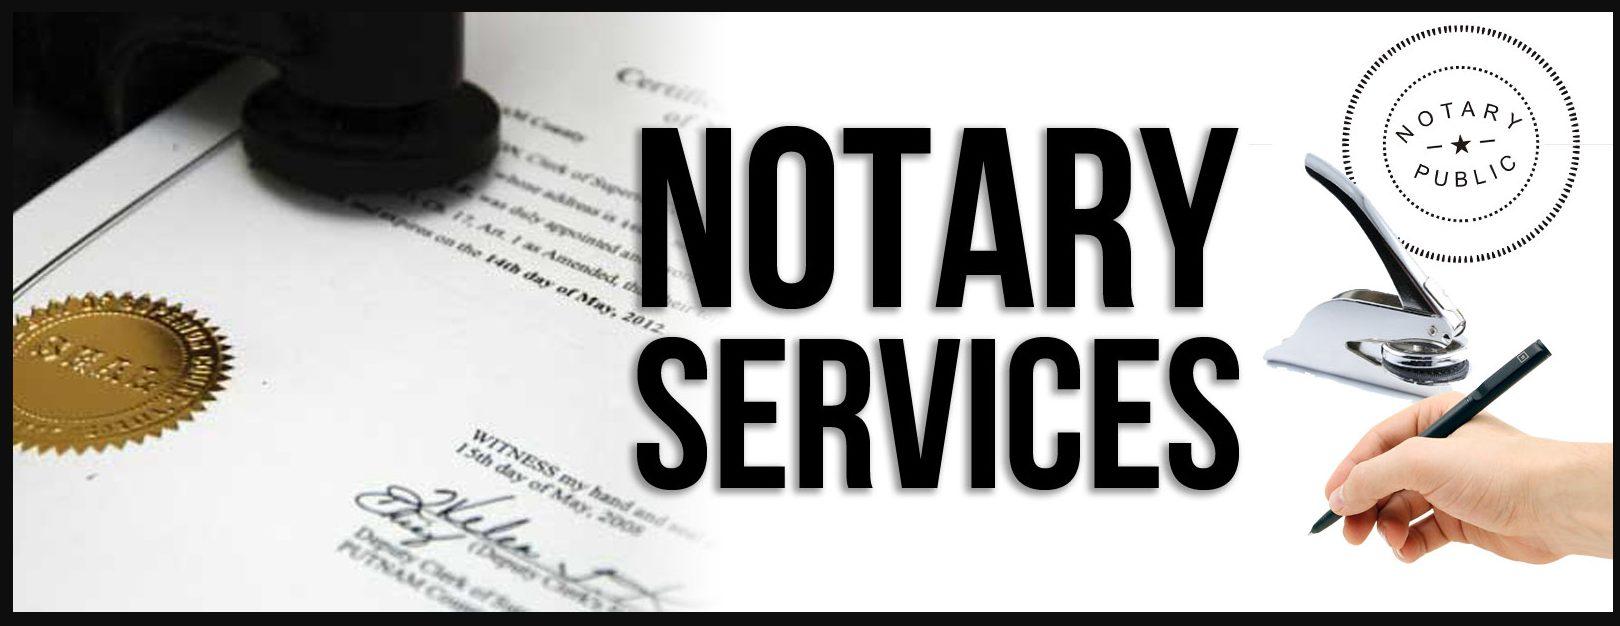 Notary Public Image - Web